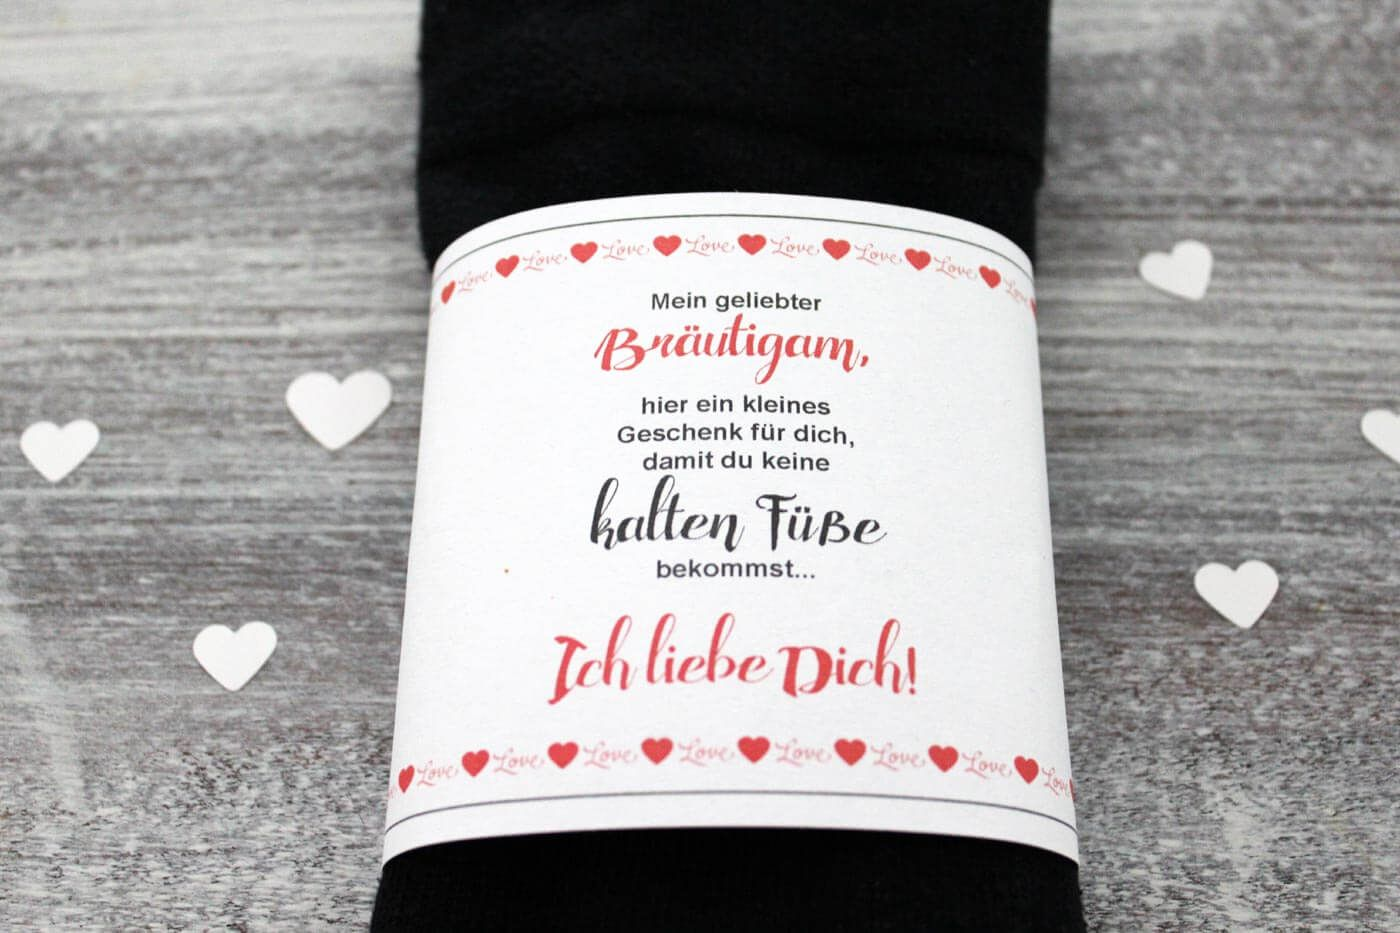 Diy Brautigam Socken Gegen Kalte Fusse Banderole Gratis Zum Ausdrucken Brautigam Socken Geschenke Zur Verlobung Brautigam